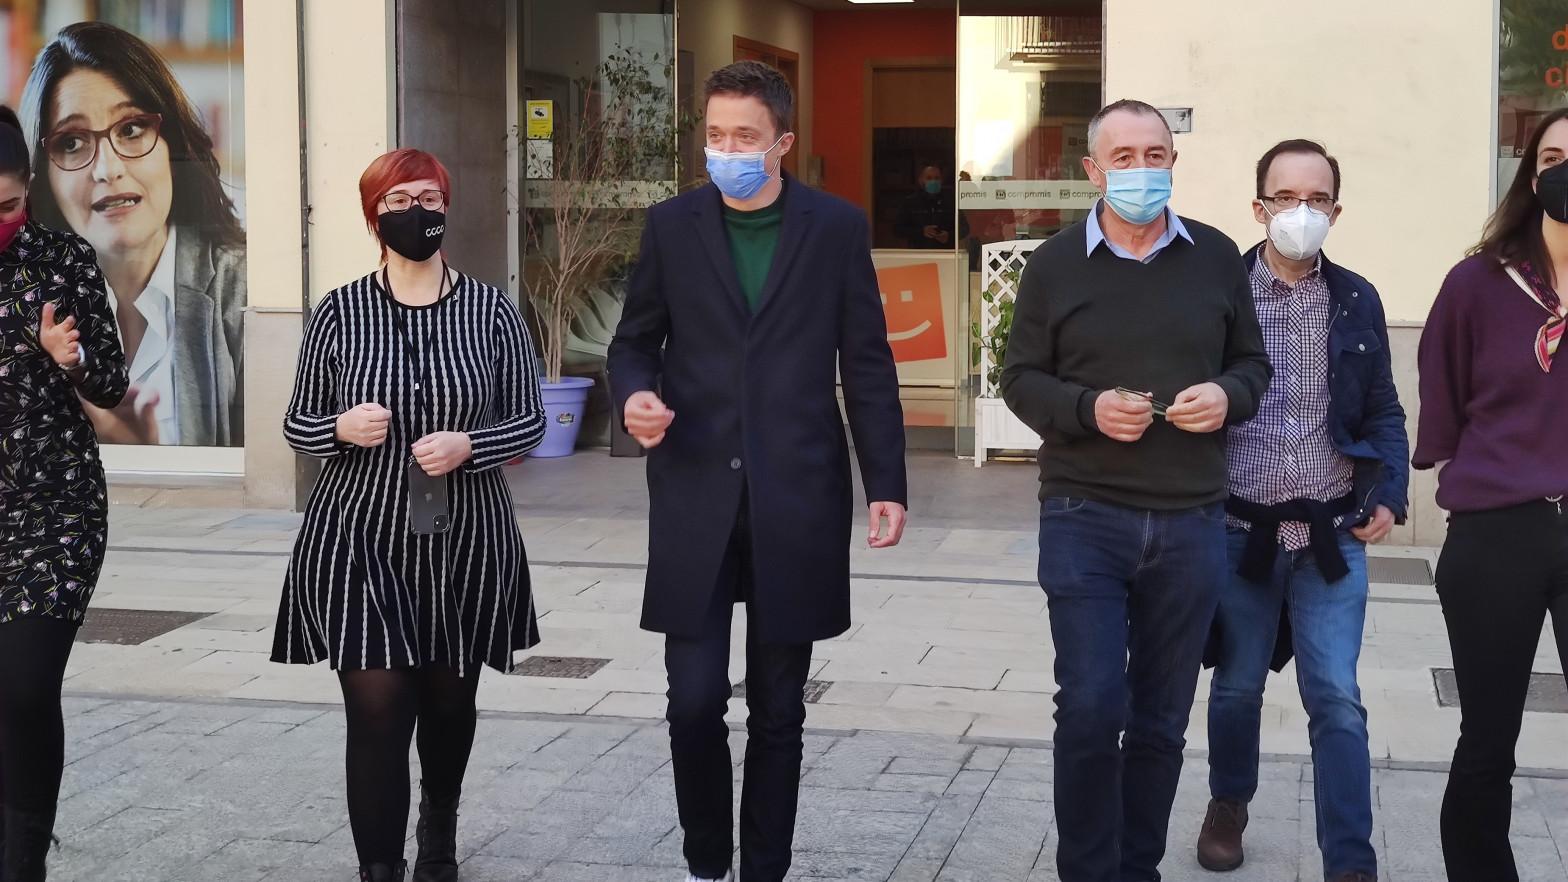 Valencia se convierte en epicentro de la 'guerra del futuro' entre Podemos y Más País